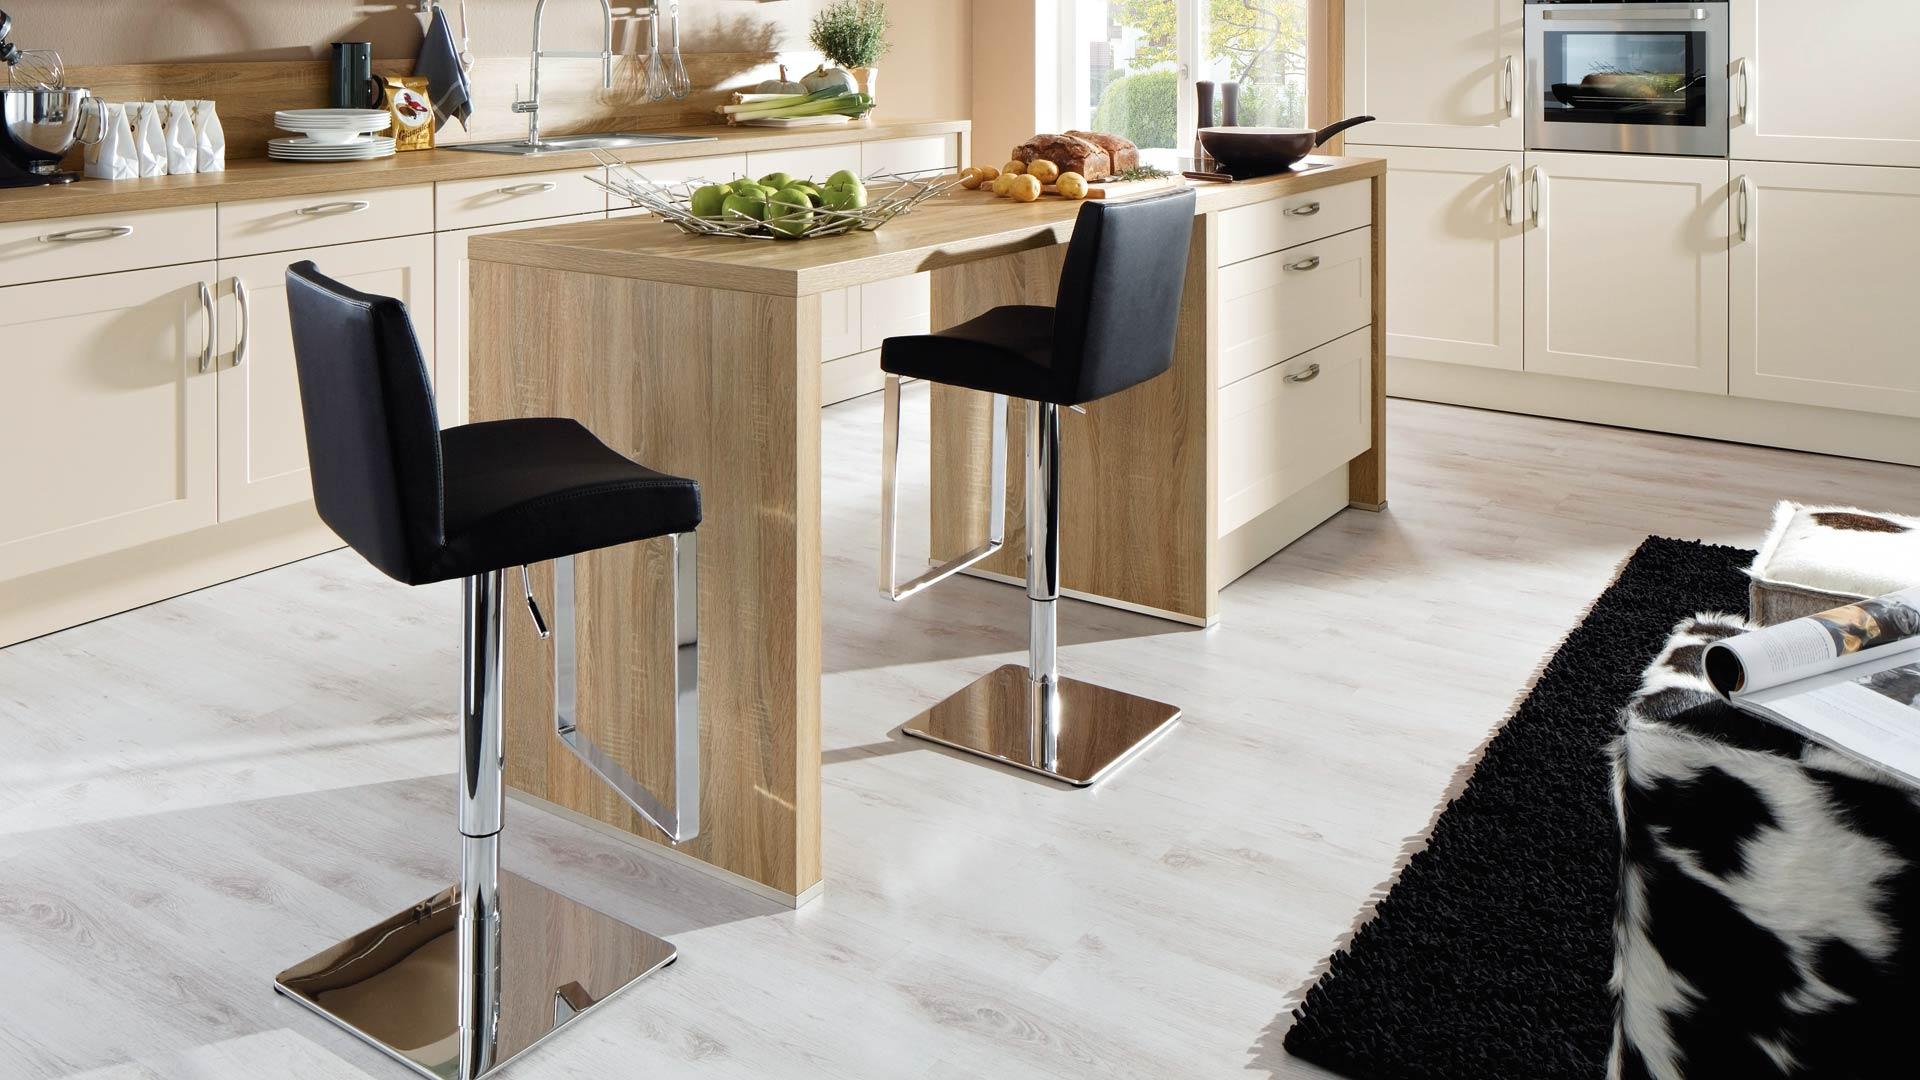 Küchen Emden global küchen tisch und stuhl in norden ot neustadt nahe emden